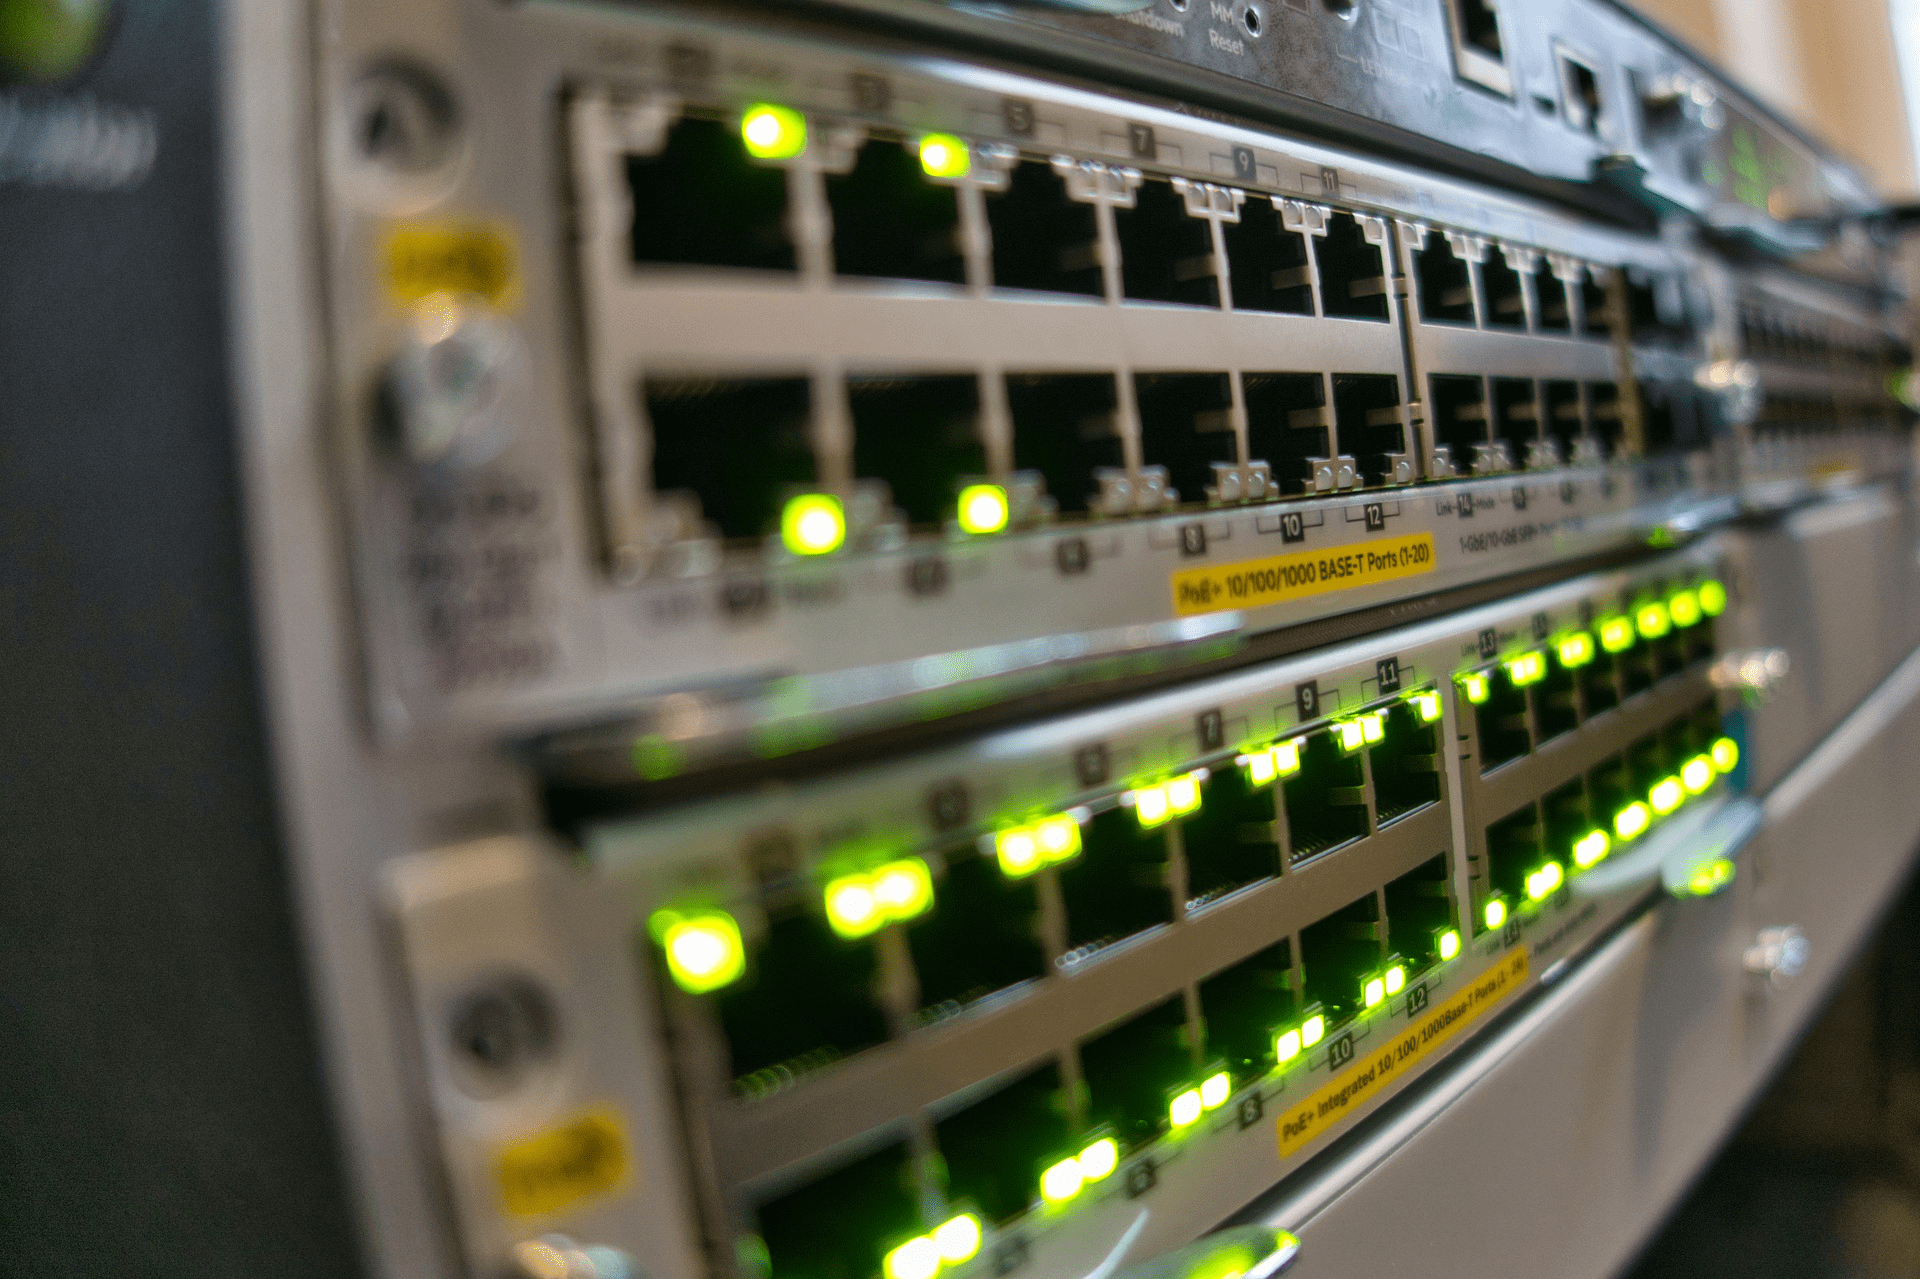 Datasikkerhed Sæby